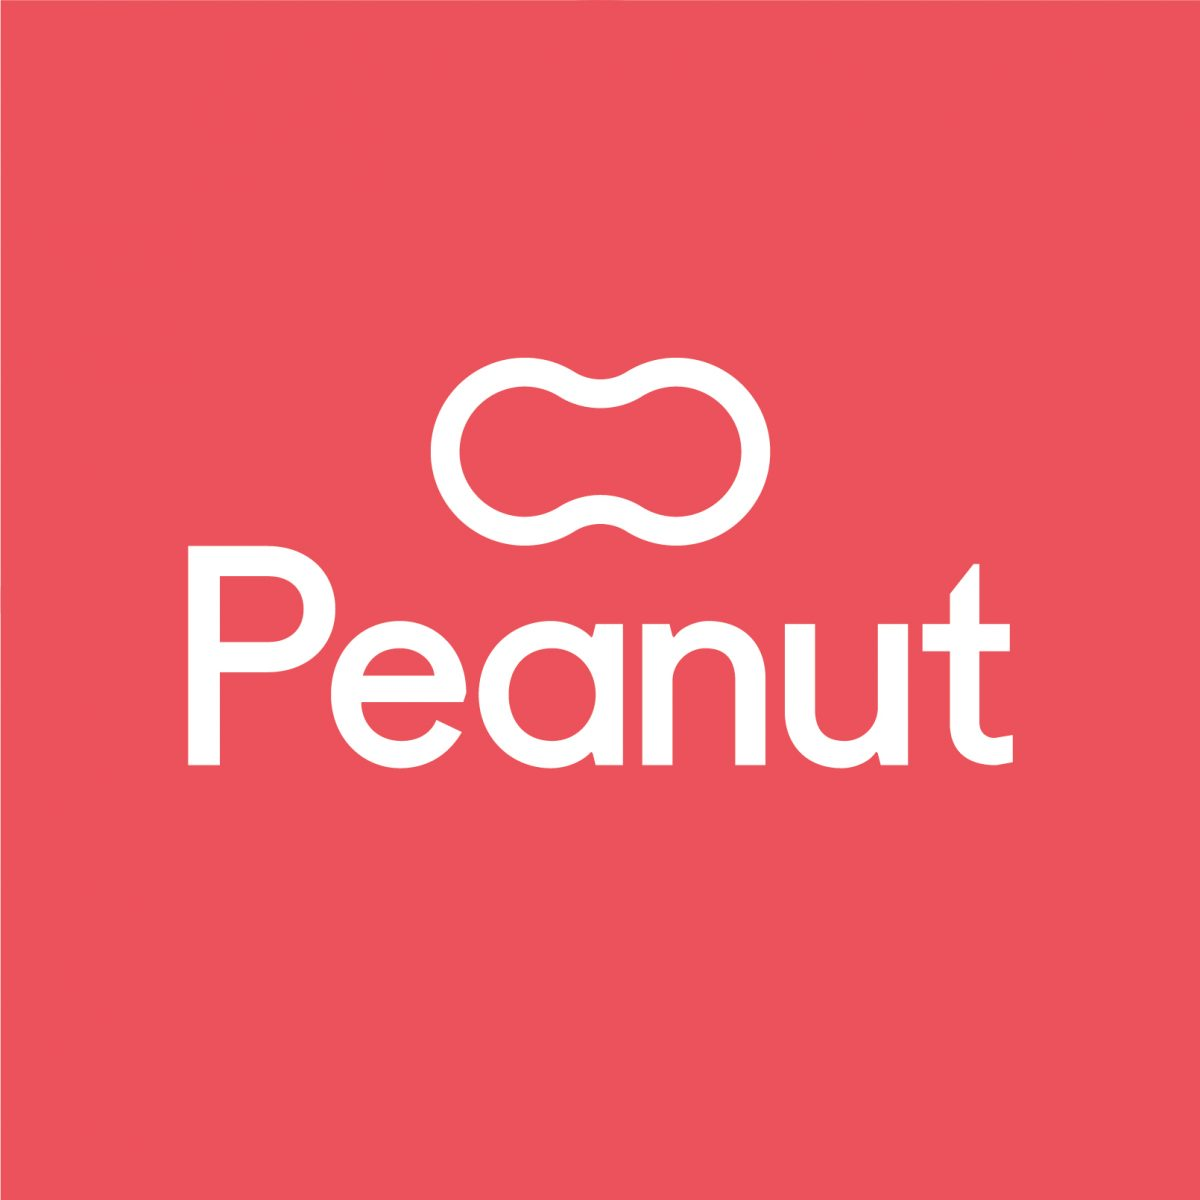 peanut app logo2